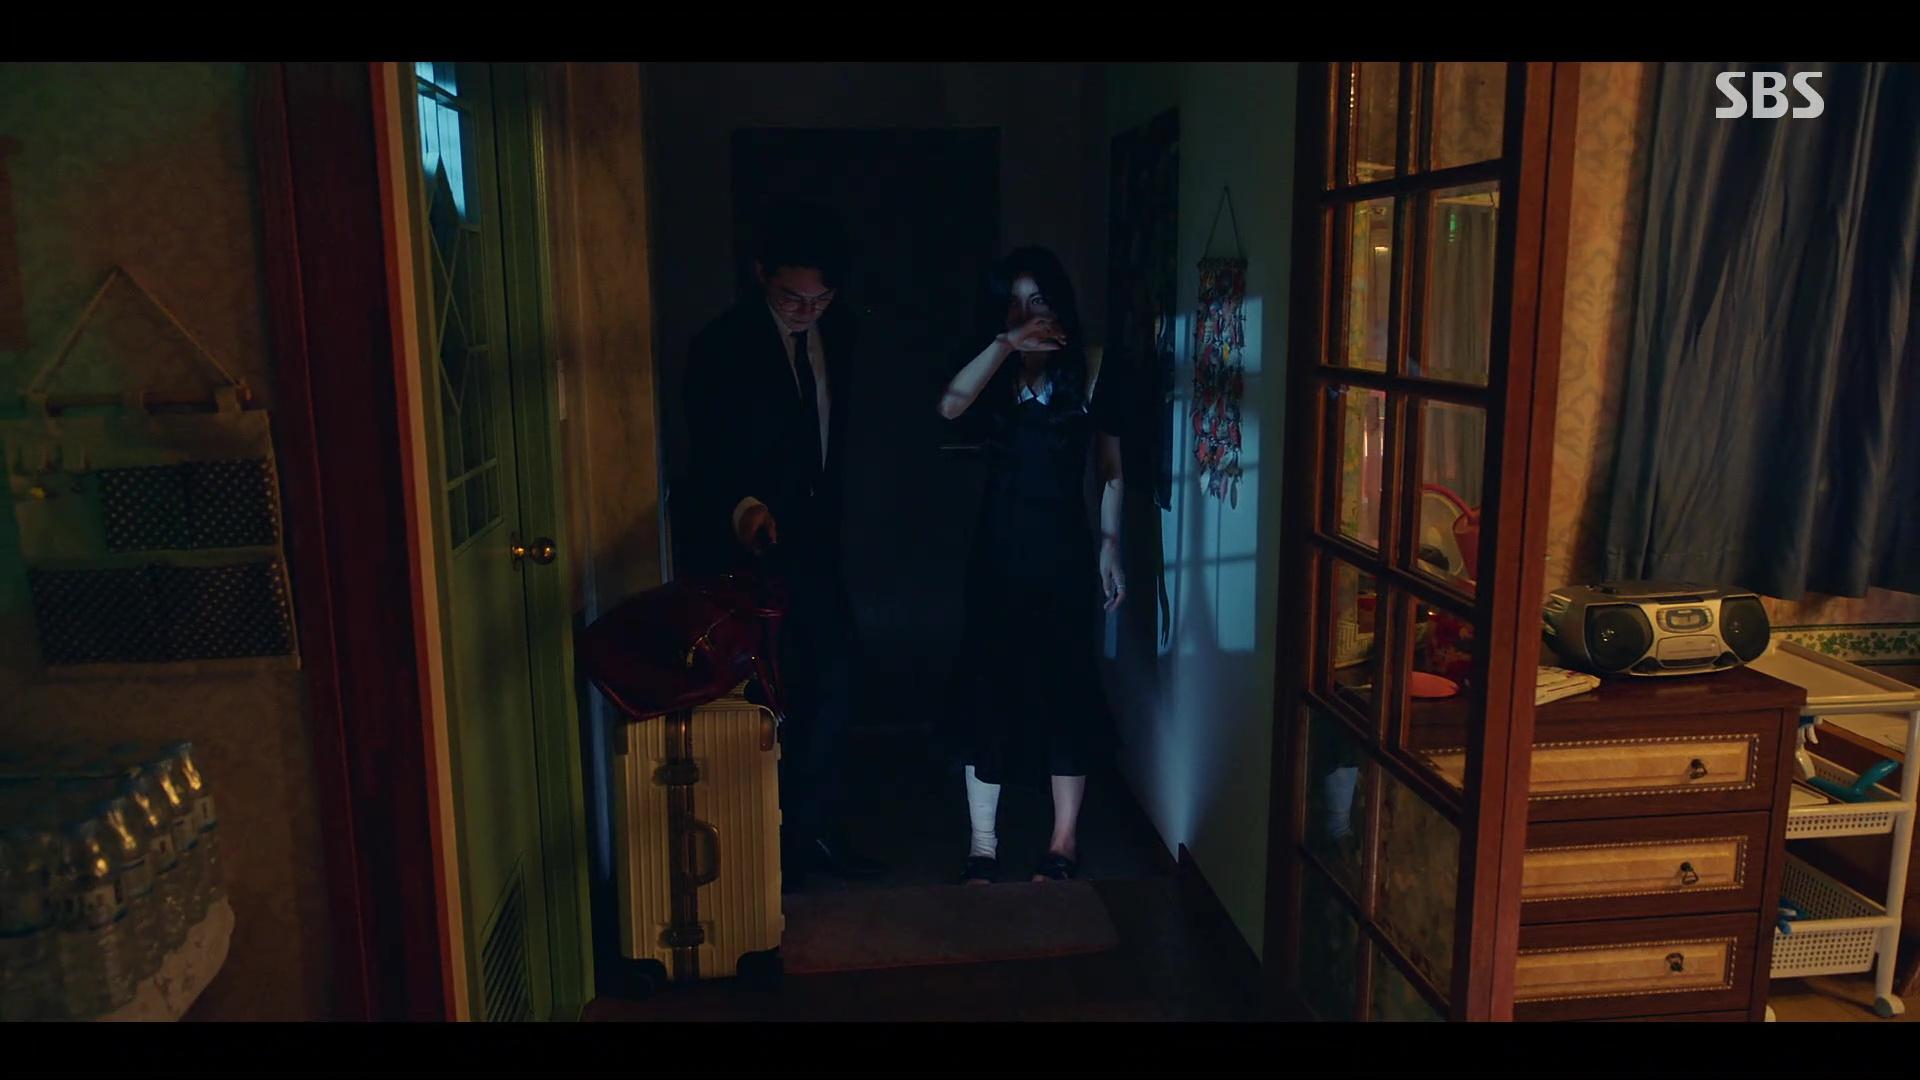 Penthouse Season 3 Episode 11 Recap and Review